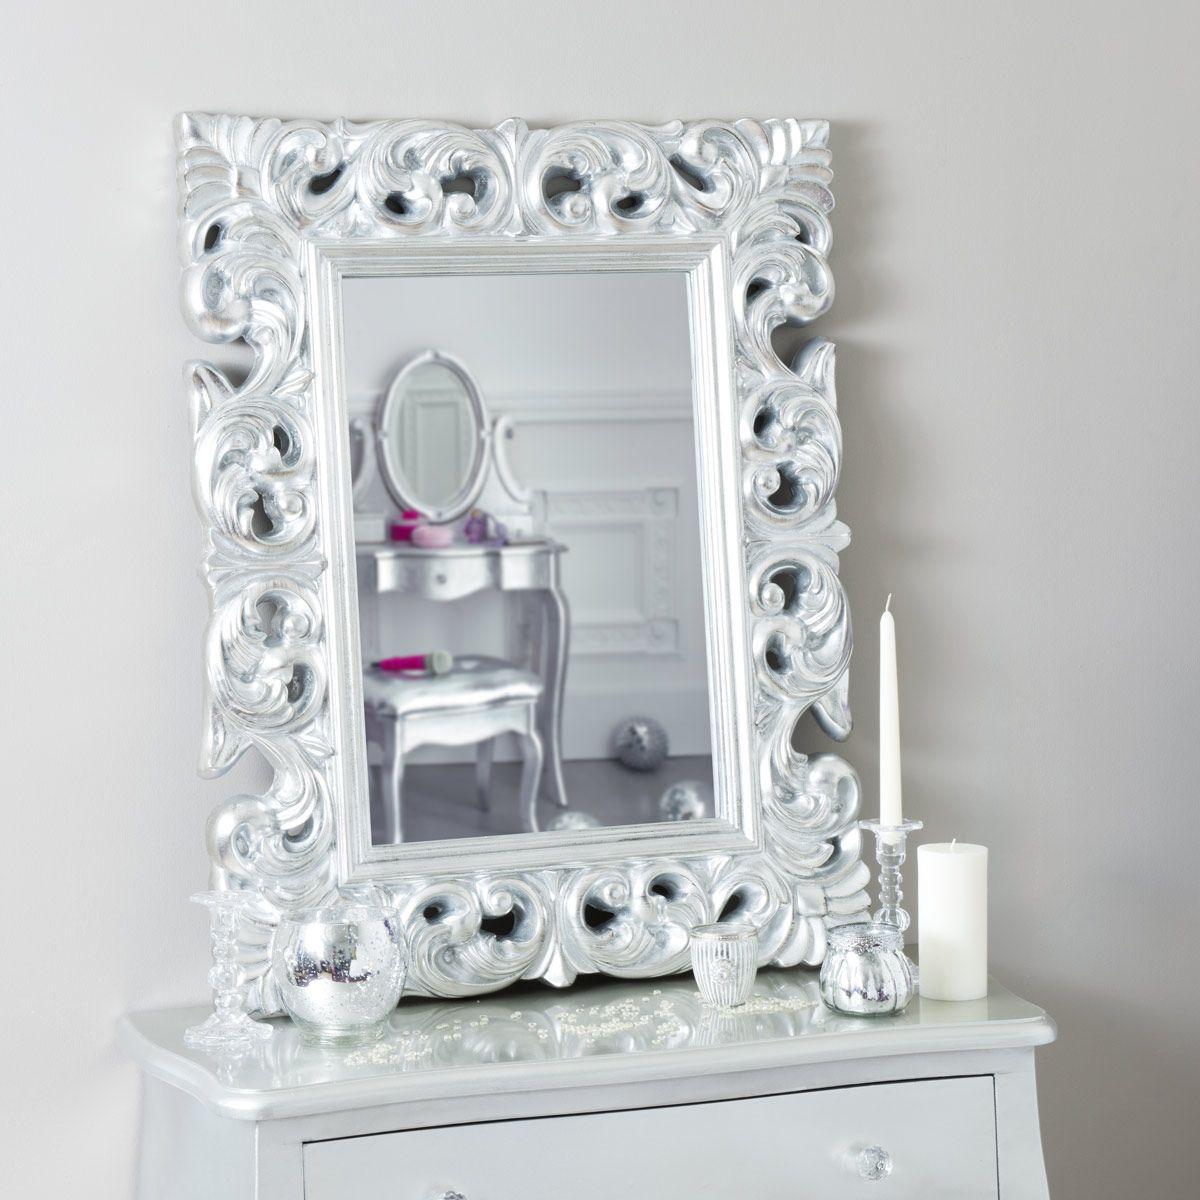 Miroir Rivoli silver 90x70 130e   Deco   Pinterest   Chambres de ...